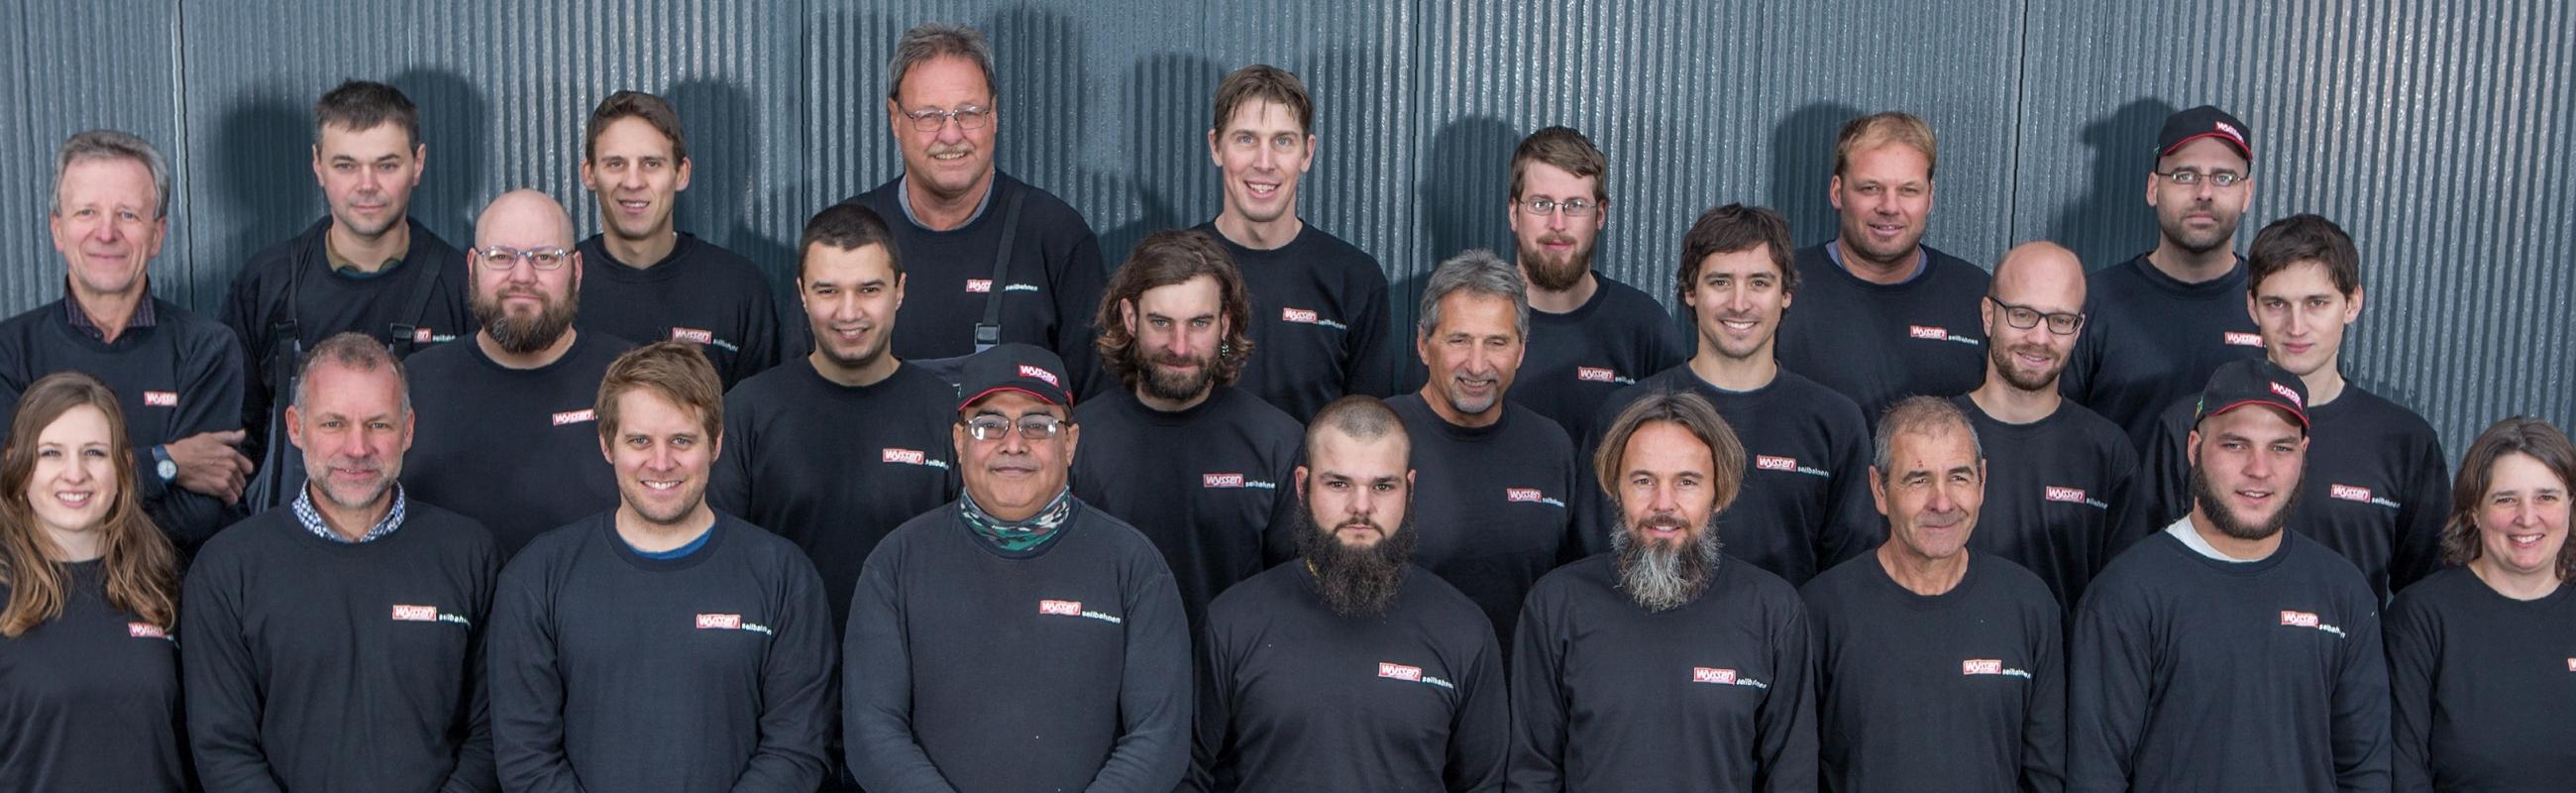 Wyssen Team